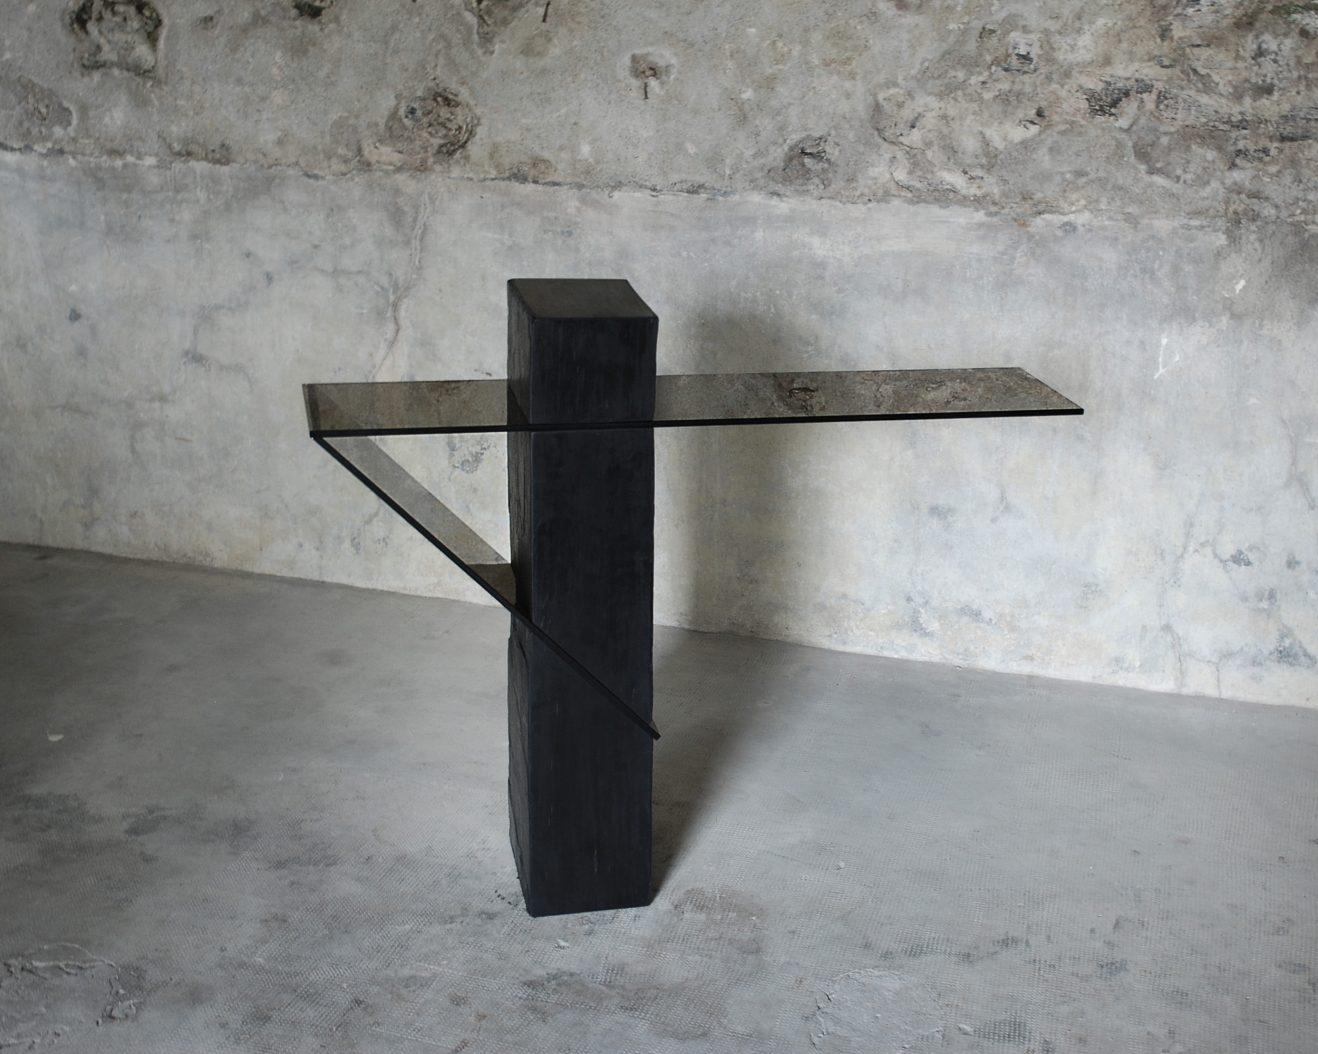 Console Athlétique par Frédéric Saulou 1